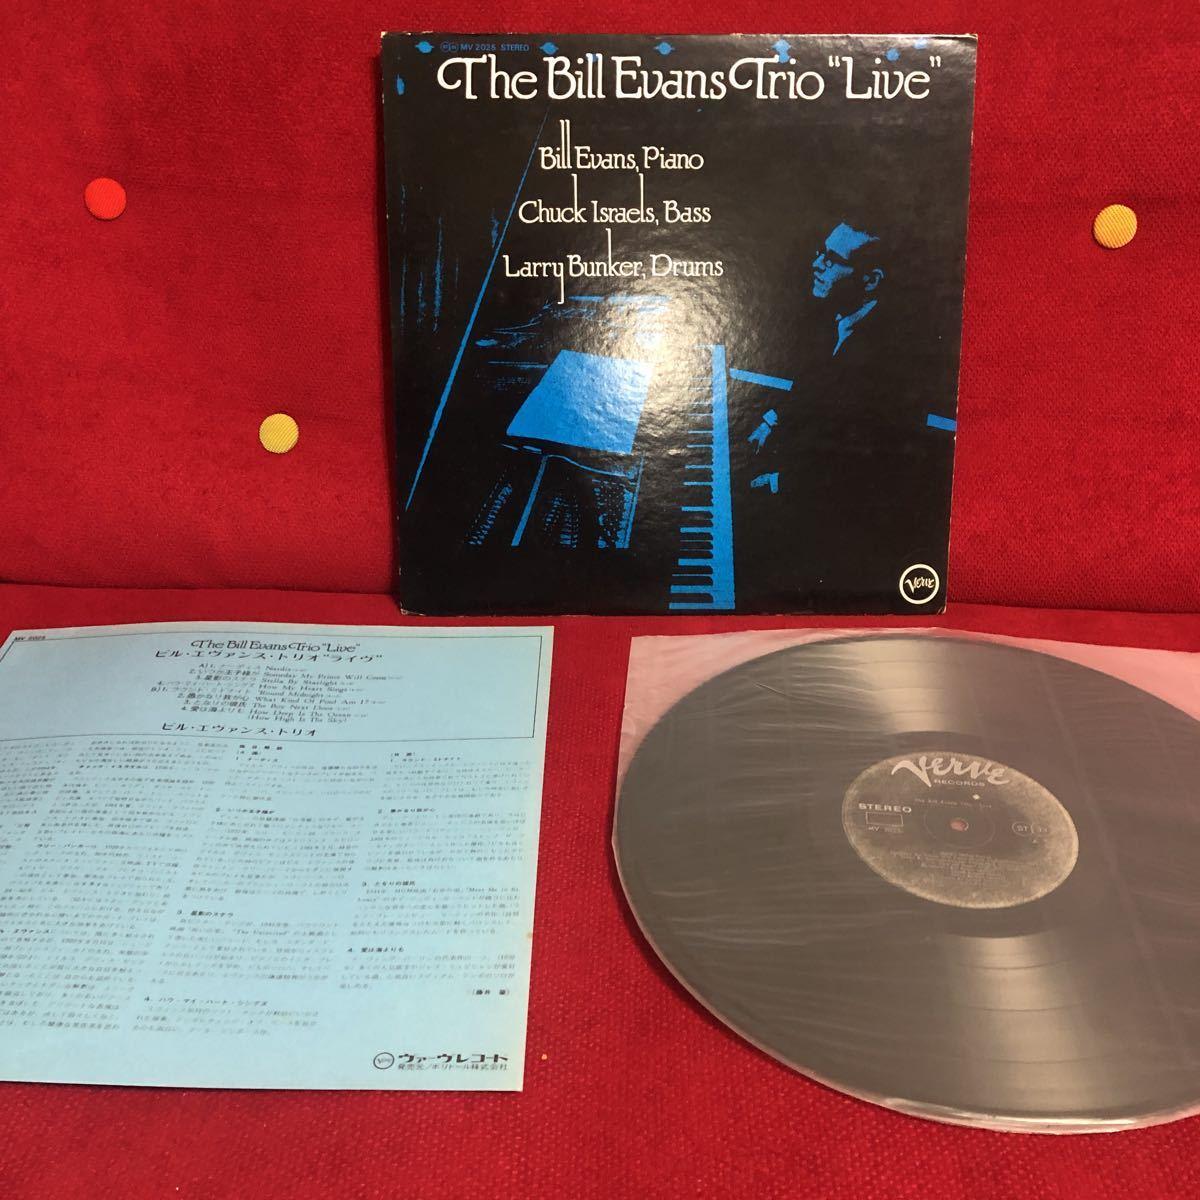 激レア盤★ LPレコード★ピアノ★bill Evans★The Bill Evans Trio - Live ★☆レコード多数出品中_画像2